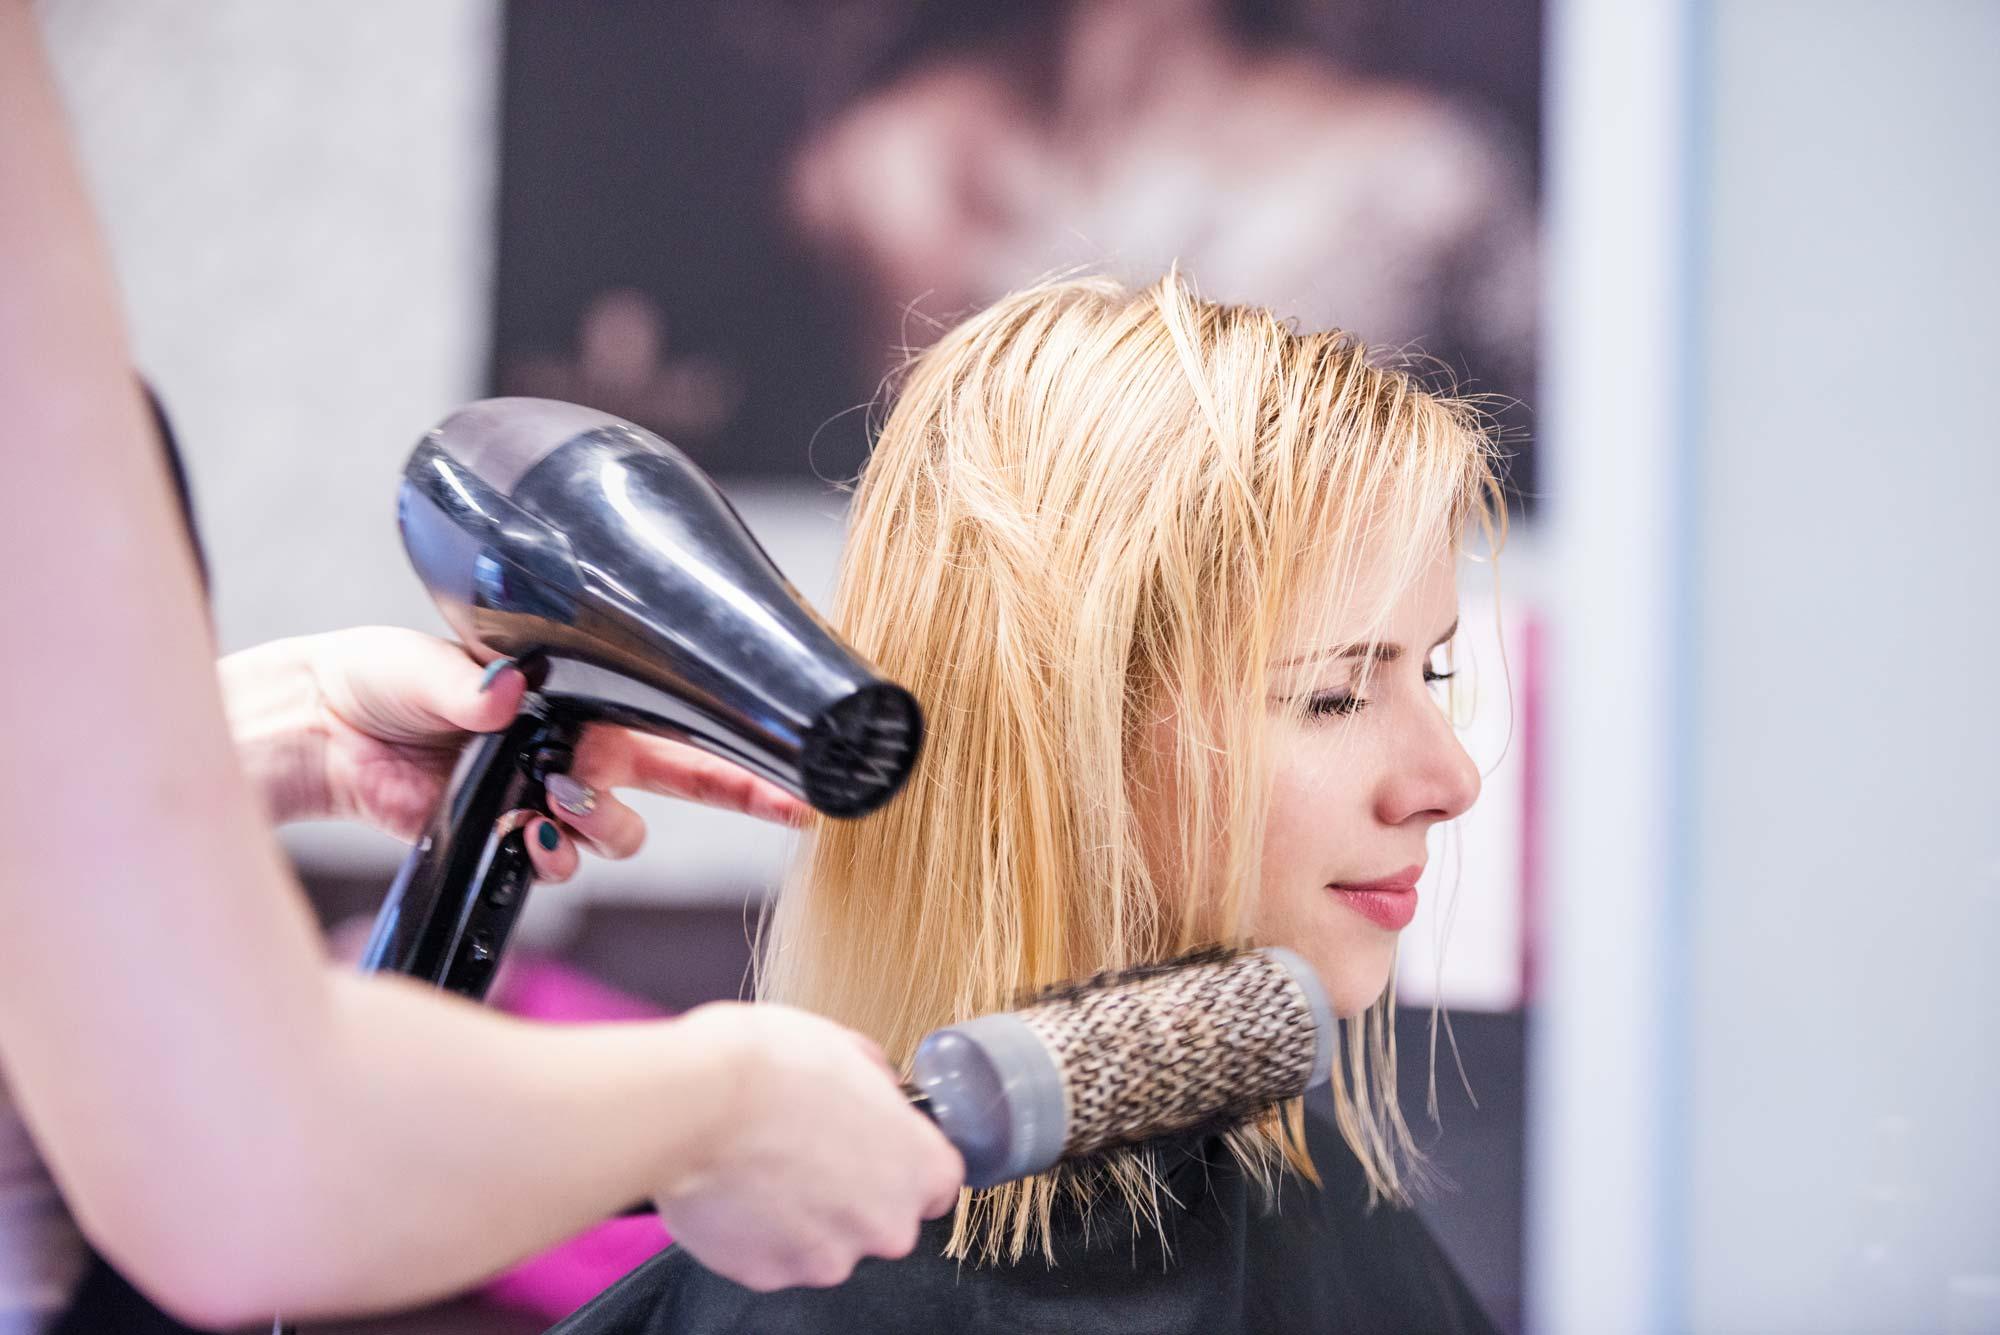 Woman cutting blond girl's hair